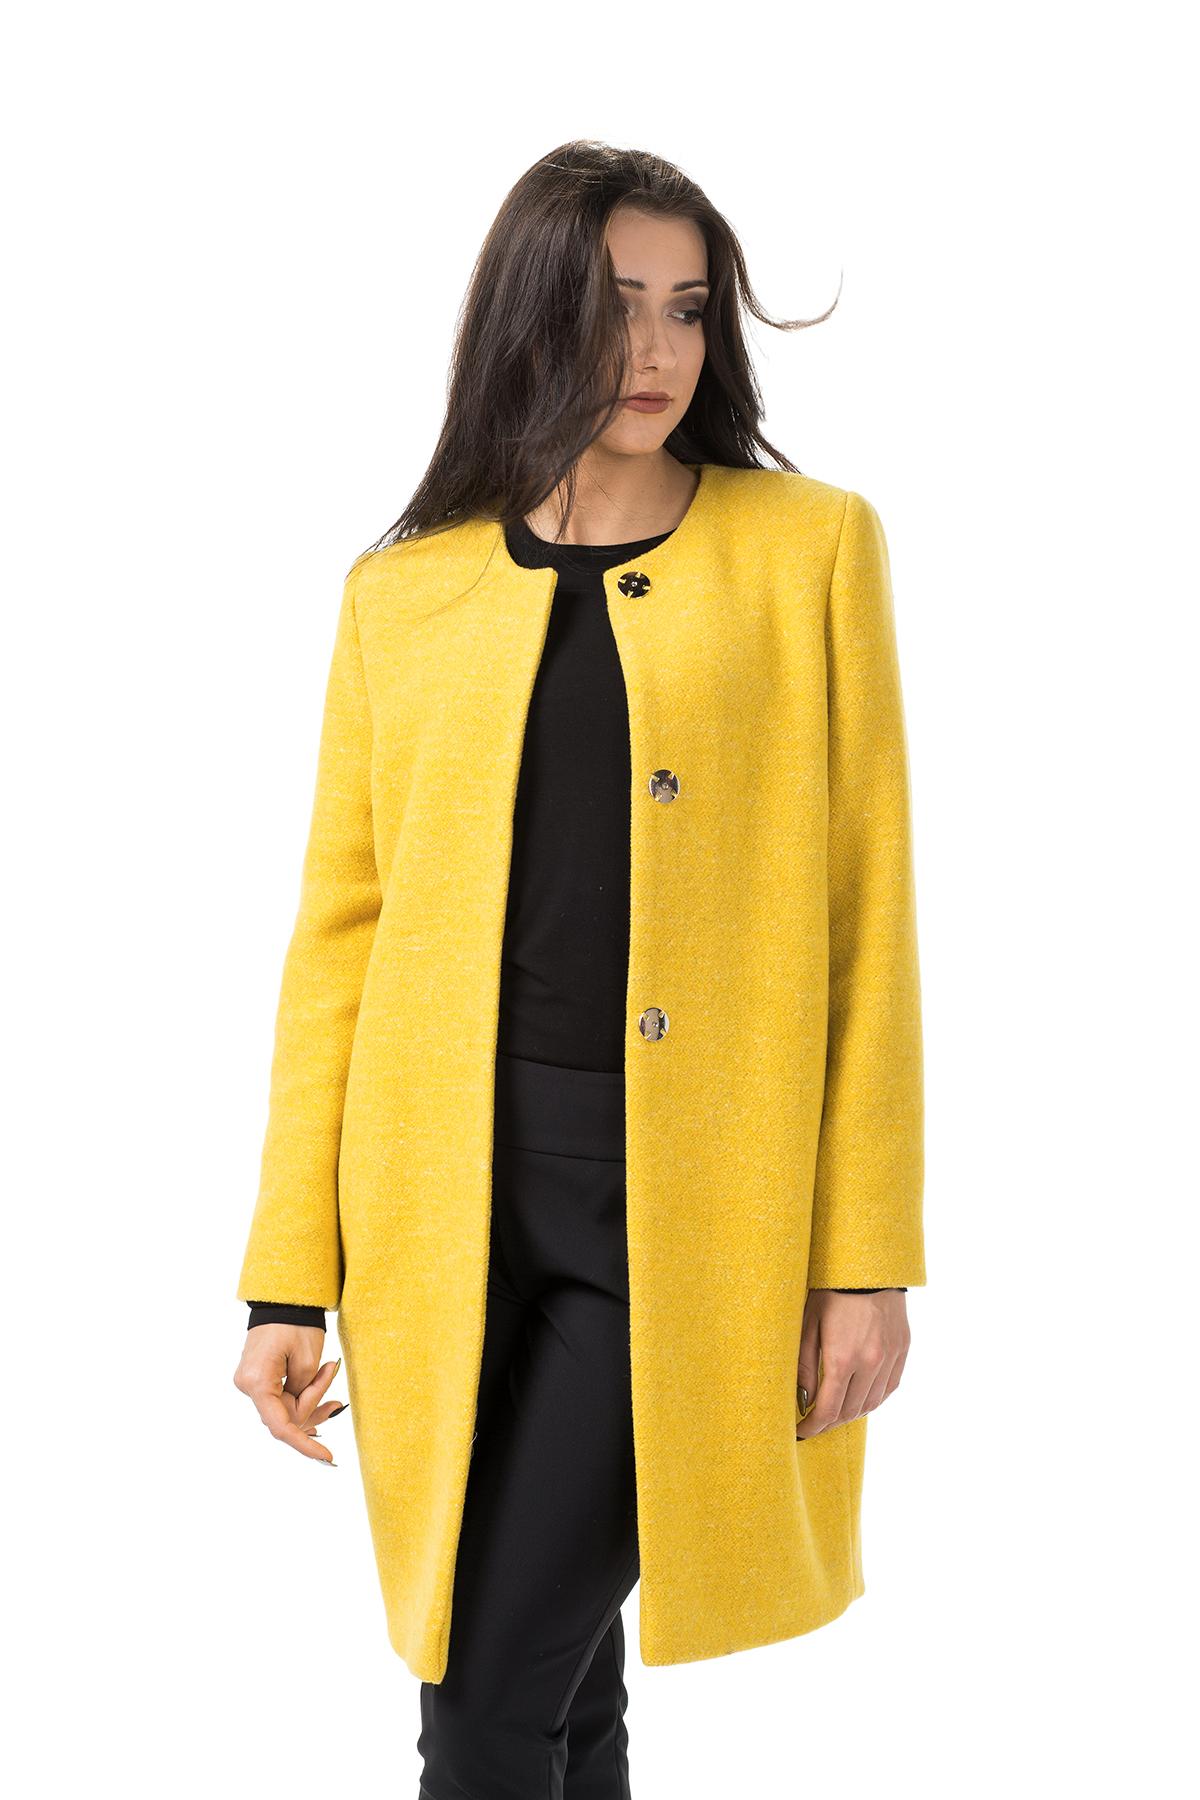 Musztardowy wełniany płaszcz